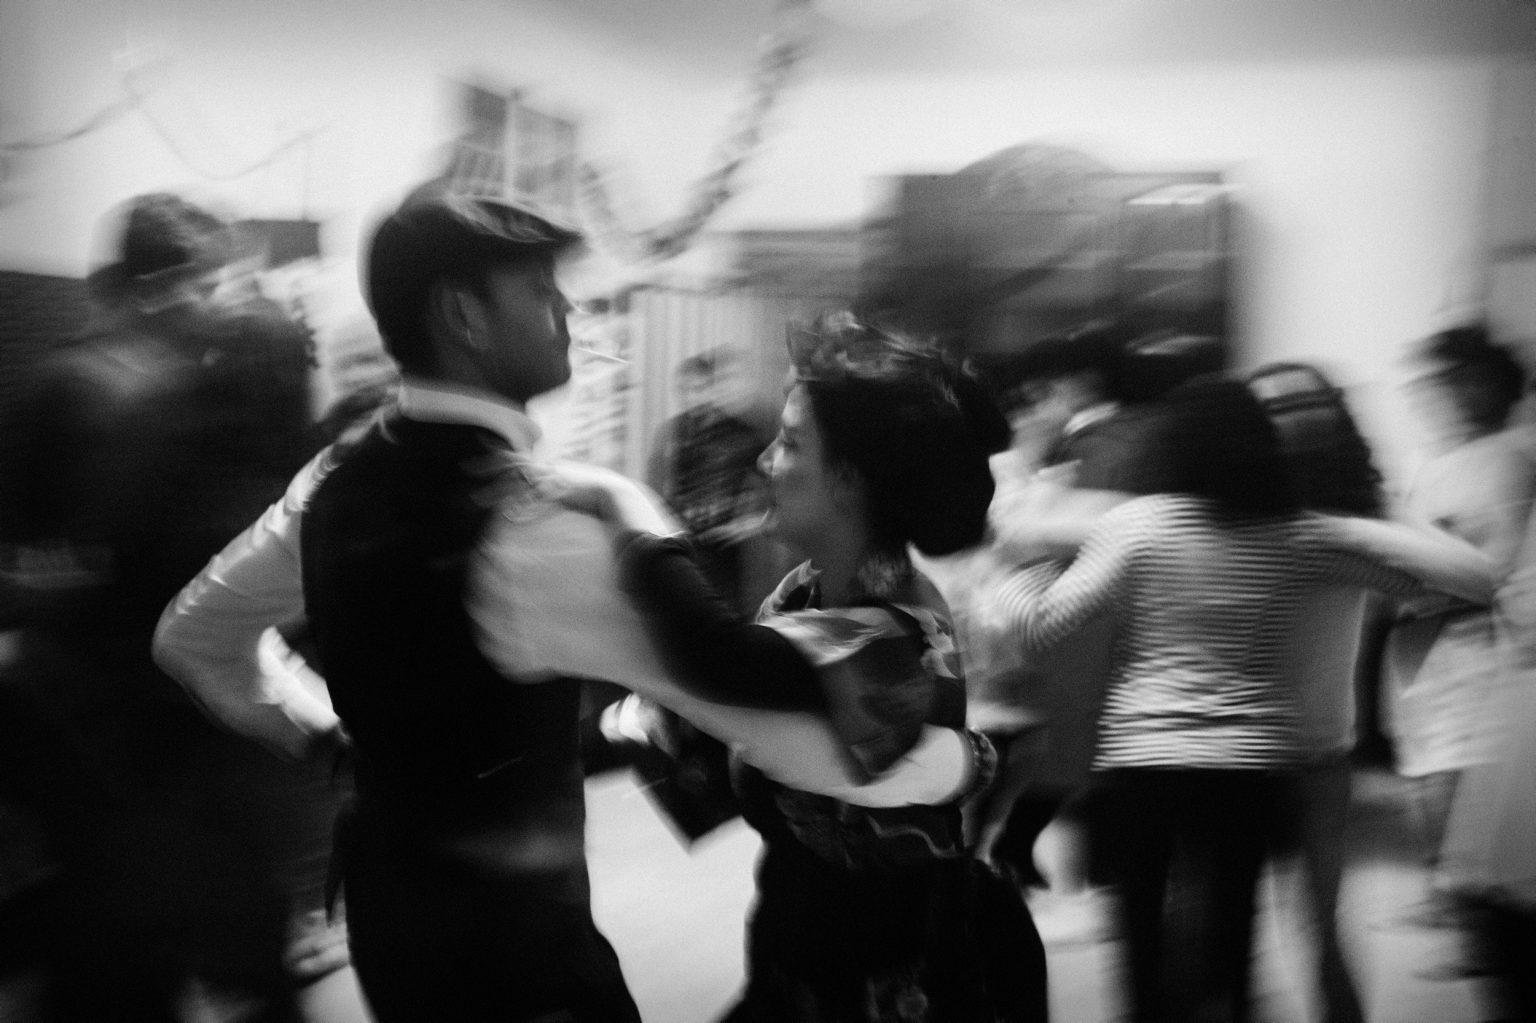 Lampedusa, February 2014-Lampedusa is the southernmost island of Italy, it is small and has only 6,300 inhabitants. Today it is one of the most important gateways to Europe.The inhabitants have been welcoming human beings in search of life for 20 years with great solidarity. They are a small community that has great respect for human dignity and, above all, has shown that peaceful coexistence can be established between human beings. Simple people, but with a soul as deep as its sea, who in the face of despair were not afraid and stretched out their hands.For this reason, the island has been nominated for the NOBEL for peace, a fair recognition for the people of Lampedusa, who have been involved for years in welcoming migrants. Inhabitants of Lampedusa  Lampedusa, Febbraio 2014-Lampedusa è l'isola più a sud d'Italia, è piccola e conta solo 6.300 abitanti. Oggi è uno dei più importanti accessi all'Europa. Gli abitanti,, da 20 anni accolgono esseri umani in cerca di vita con grande solidarietà . Sono una piccola comunità che ha un grande rispetto per la dignità umana e, soprattutto,  ha dimostrato che tra essere umani si può attuare una convivenza pacifica. Persone semplici, ma con un animo profondo come il suo mare, che di fronte alla disperazione non hanno avuto paura ed hanno teso le  mani. Per questo, l'isola, è stata candidata al NOBEL per la pace, un giusto riconoscimento per la gente di Lampedusa, impegnata da anni nell'accoglienza di migranti. Gli Abitanti di Lampedusa.